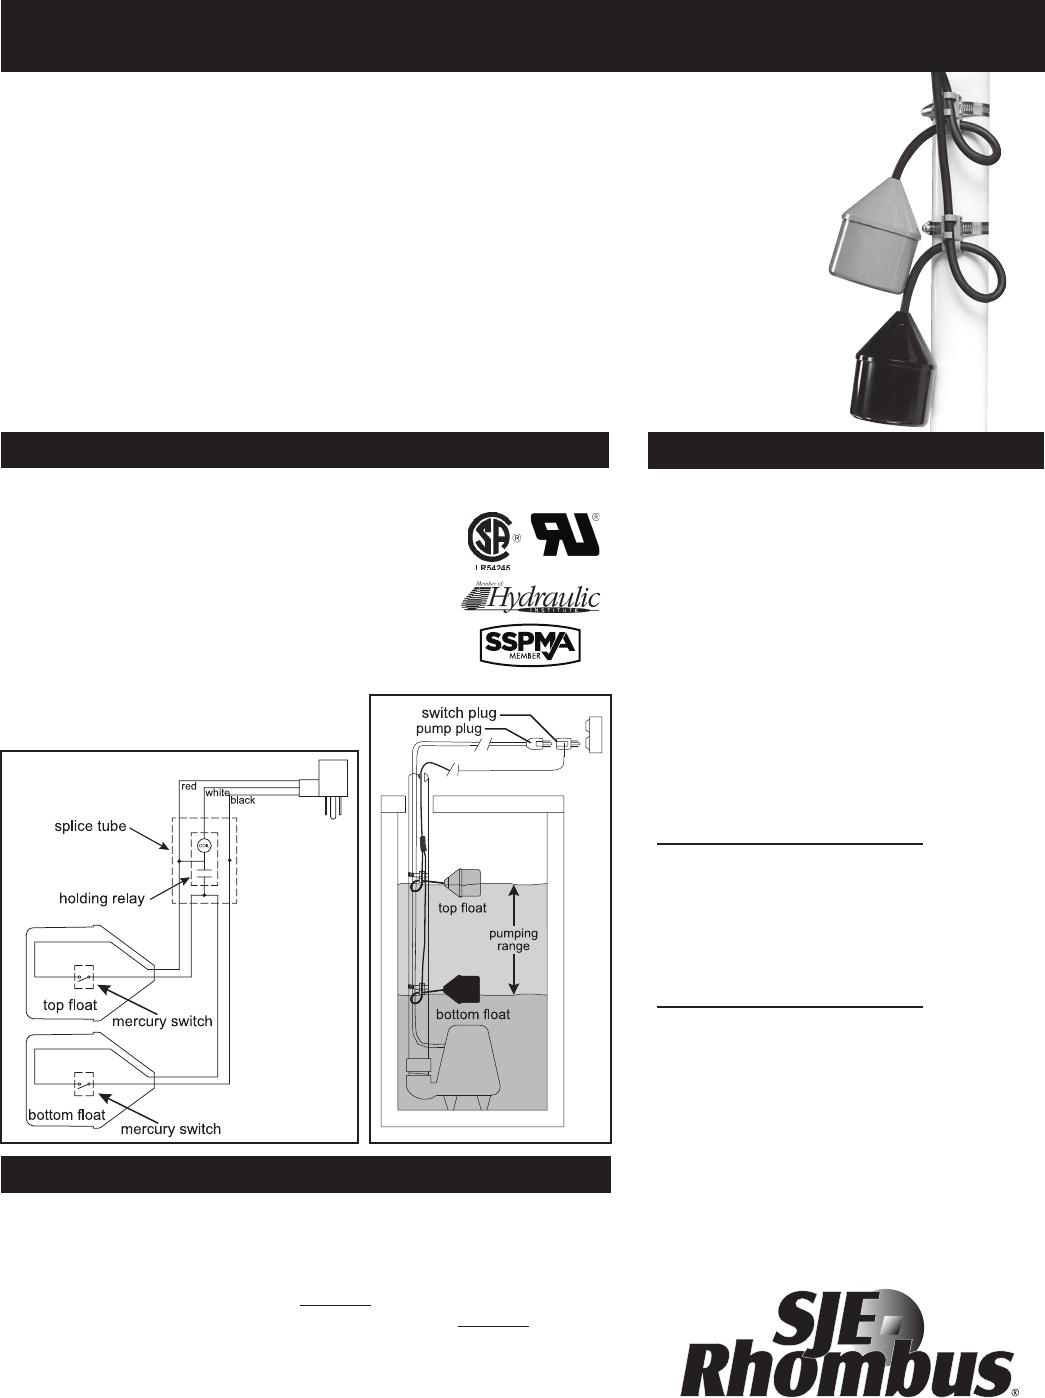 Sje Rhombus Wiring Diagram Model 122 9500157a Bap Plus 549212 1 Double Float Specifications 112